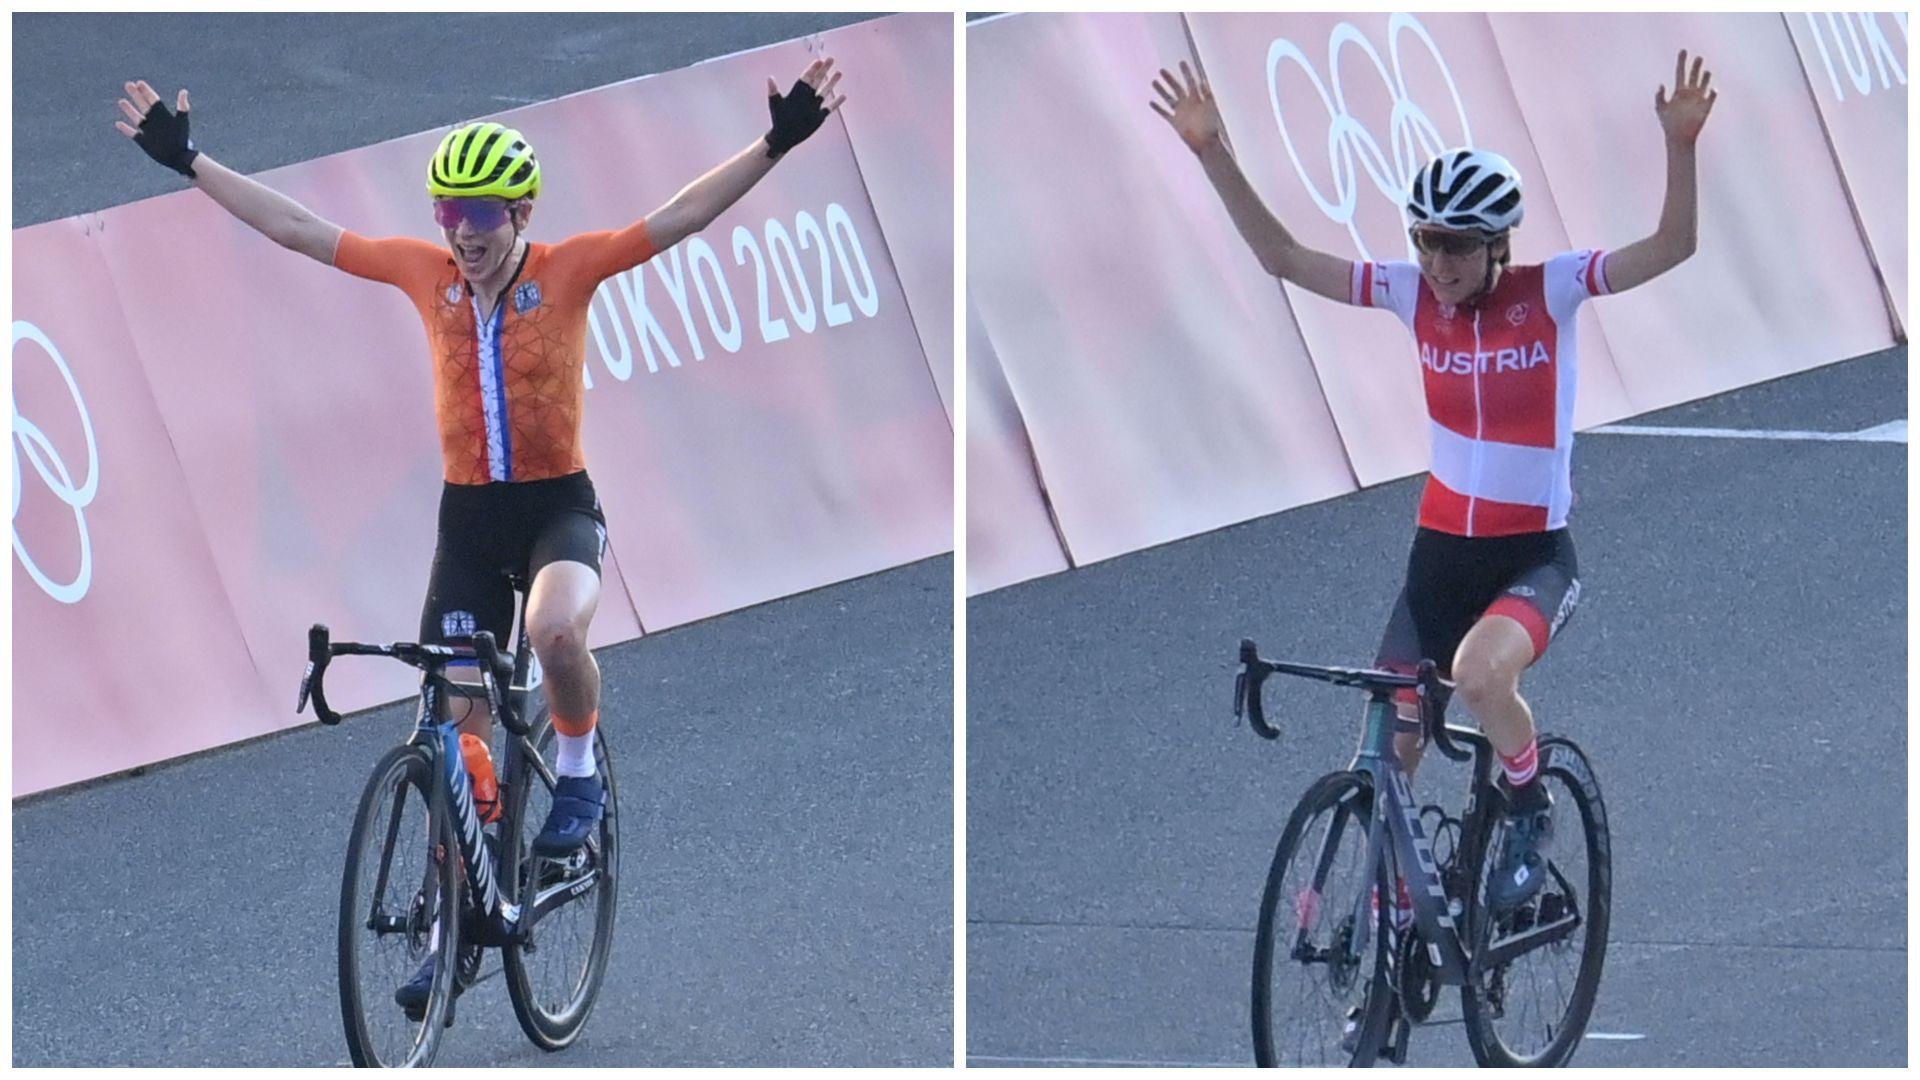 Azt hitte a holland bringás, ő bajnok, csak a célban tudta meg, hogy már elvitték az aranyat